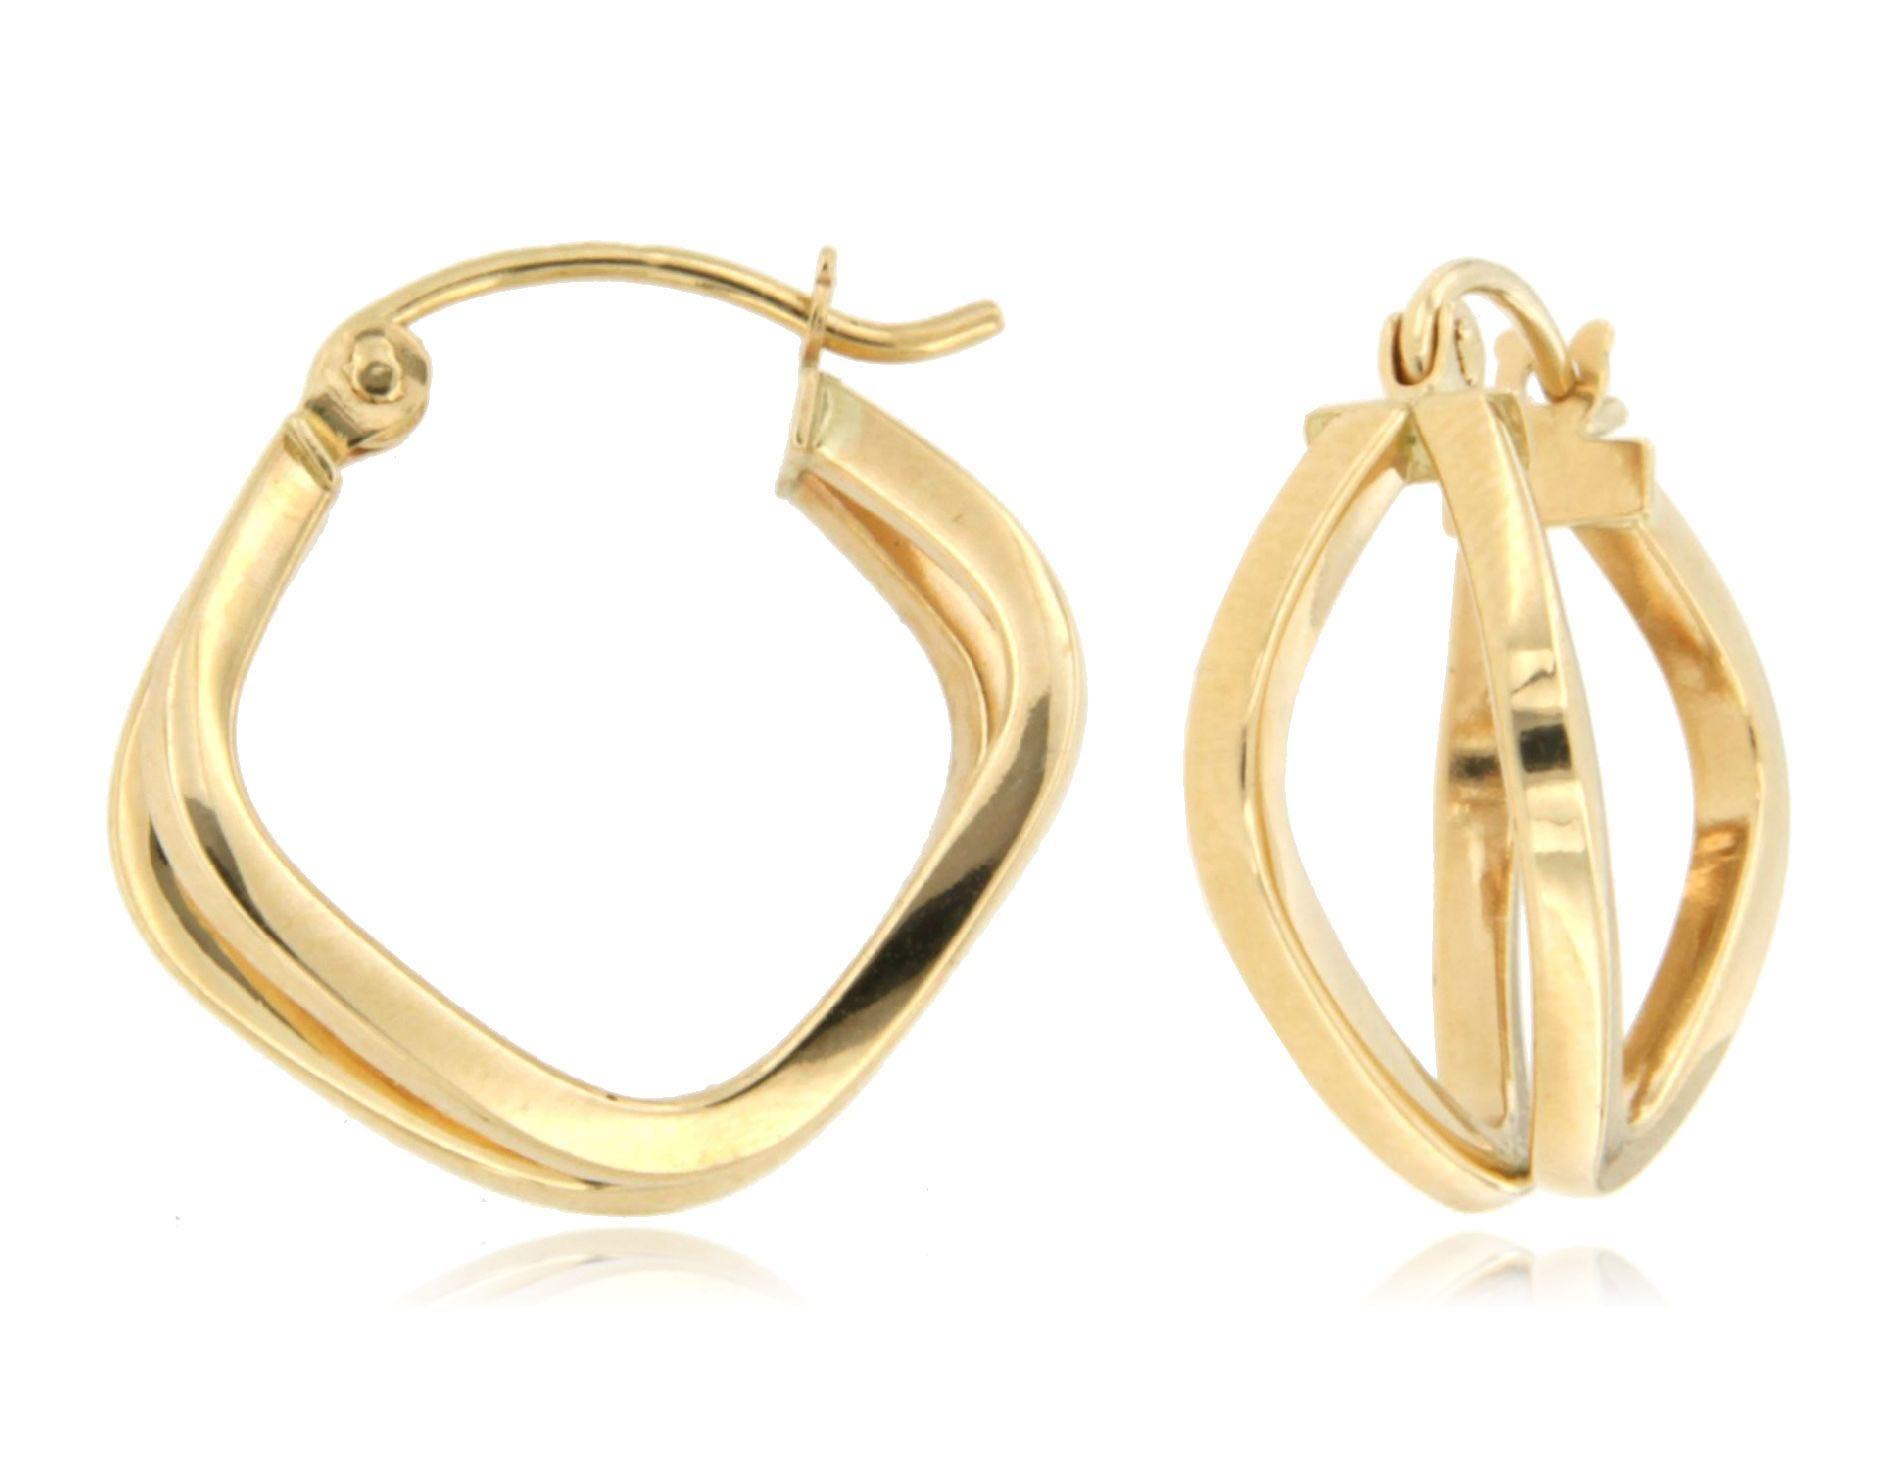 Split Square Earrings in 14k Yellow Gold